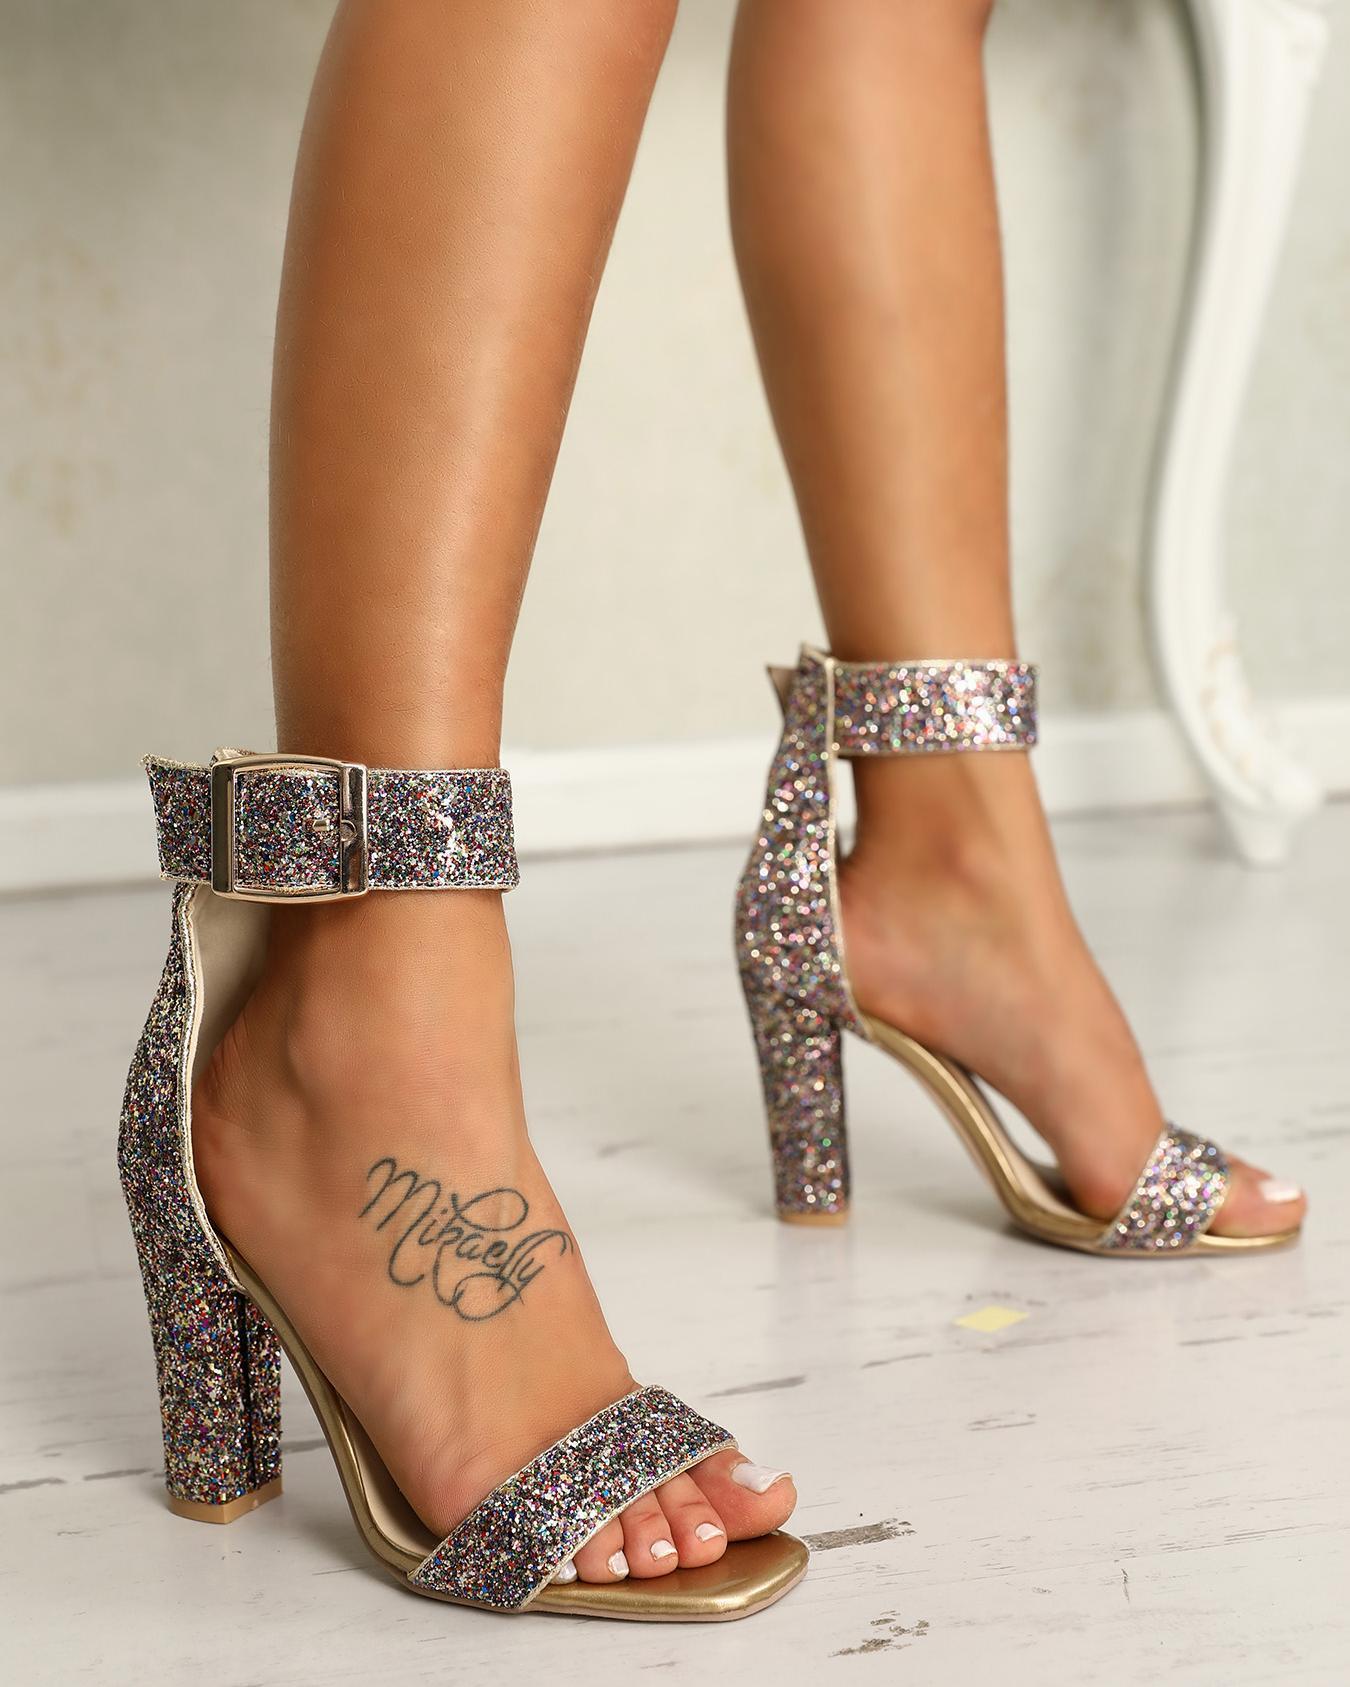 boutiquefeel / Elegante lentejuelas abierto dedo del pie chunky sandalias de tacón